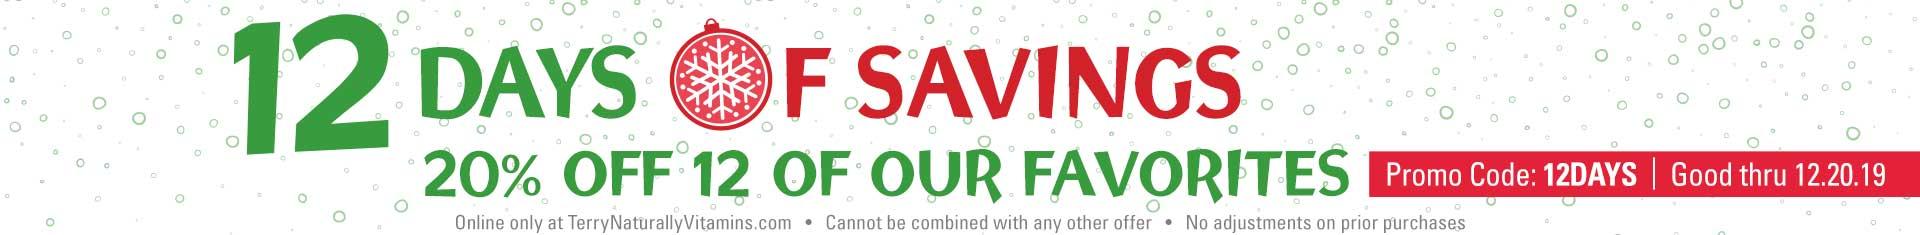 12 Days of Savings